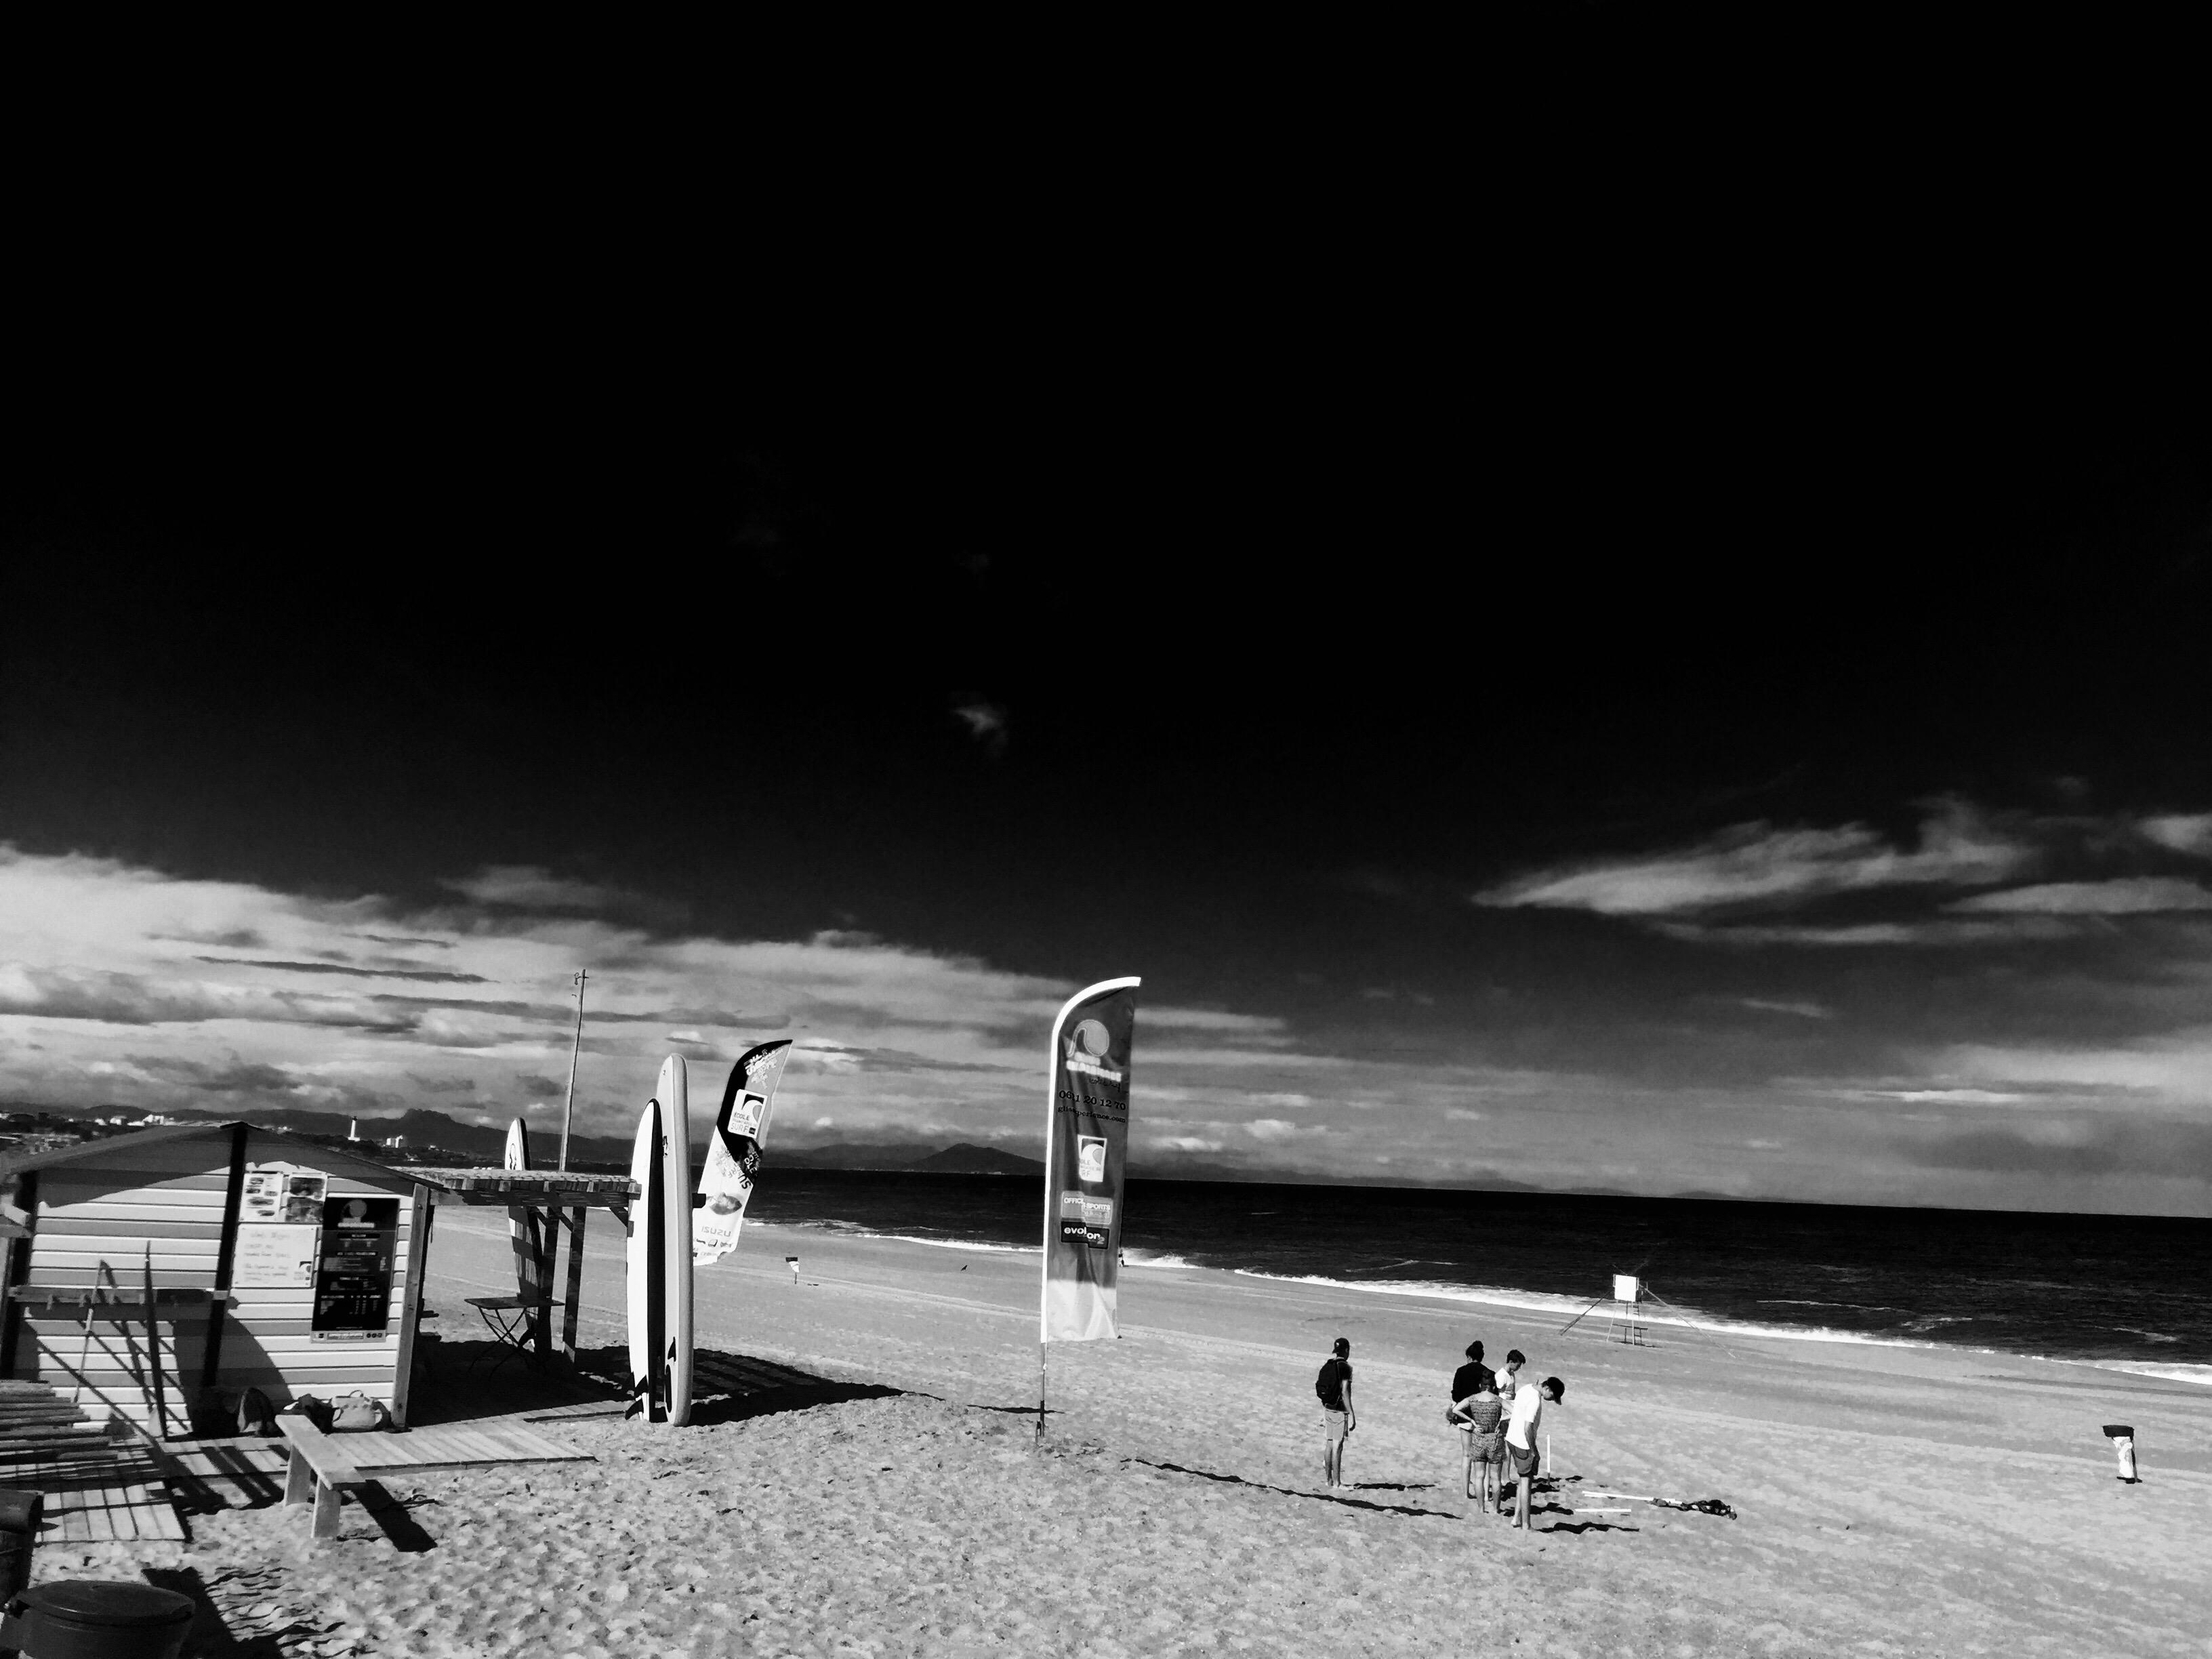 École de surf Gliss'experience plage des cavaliers anglet